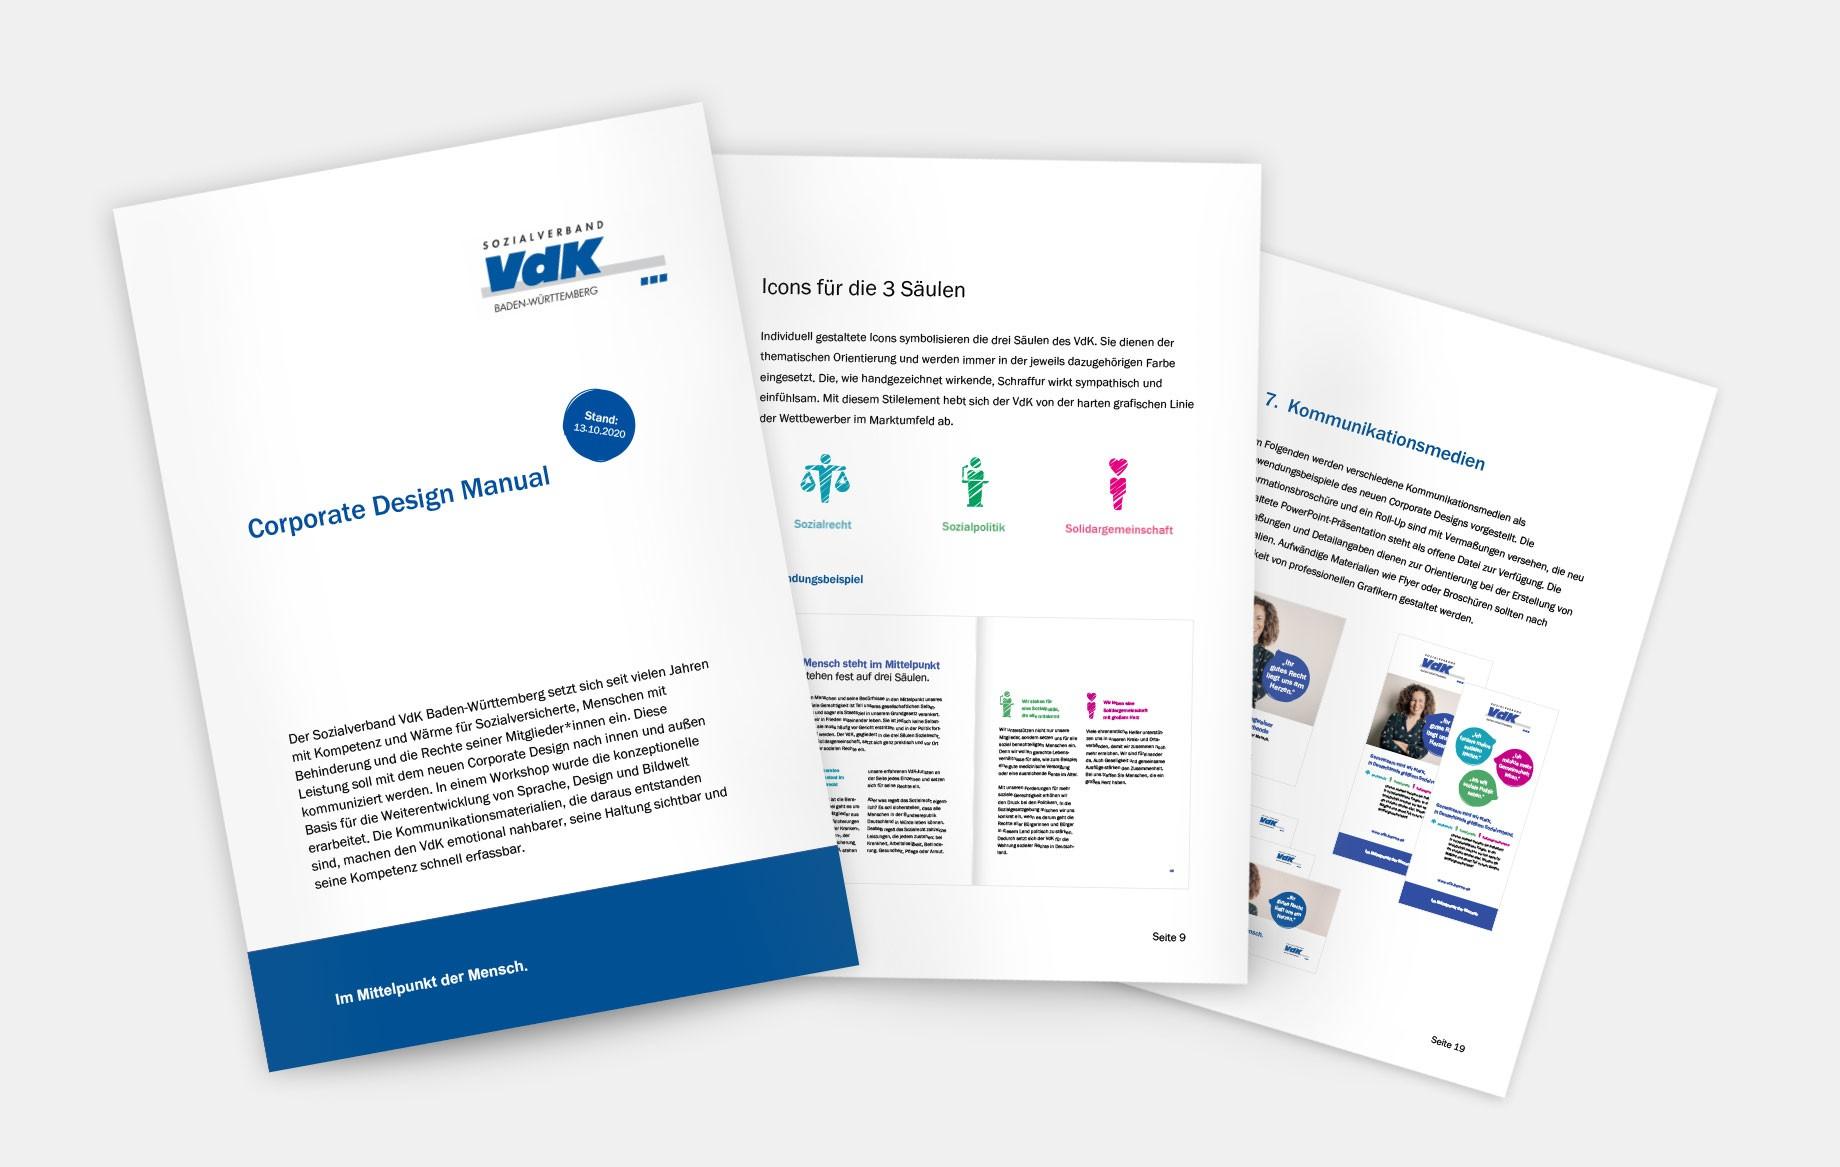 Das neue Corporate Design und die Corporate Language sind die Basis für alle Kommunikationsmaterialien. Beide Manuals wurden in Word erstellt, so kann sie der VdK selbstständig fortführen.